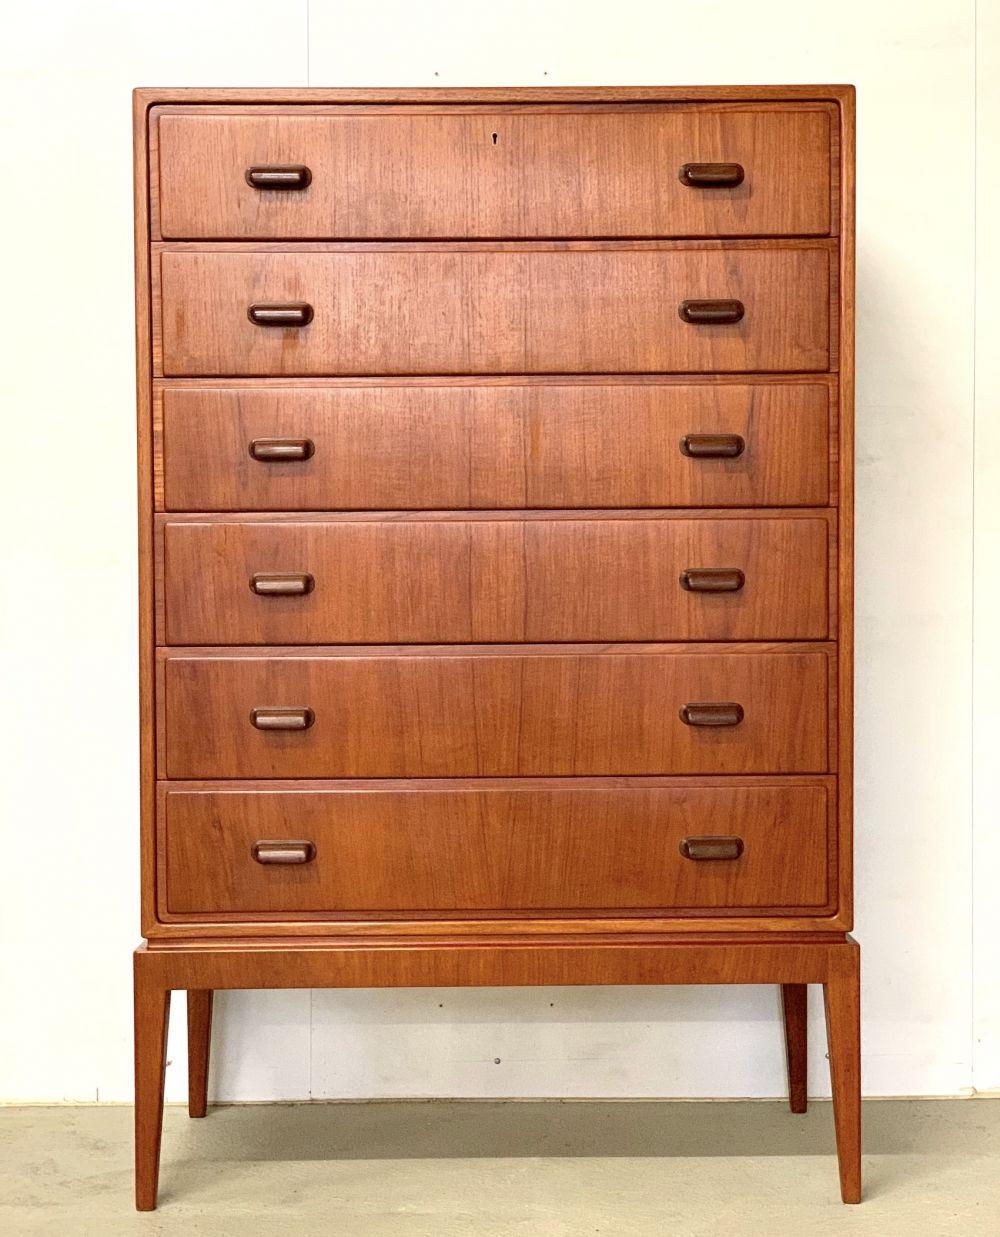 For sale Tove & Edvard KindtLarsen Tallboy, 1950s in